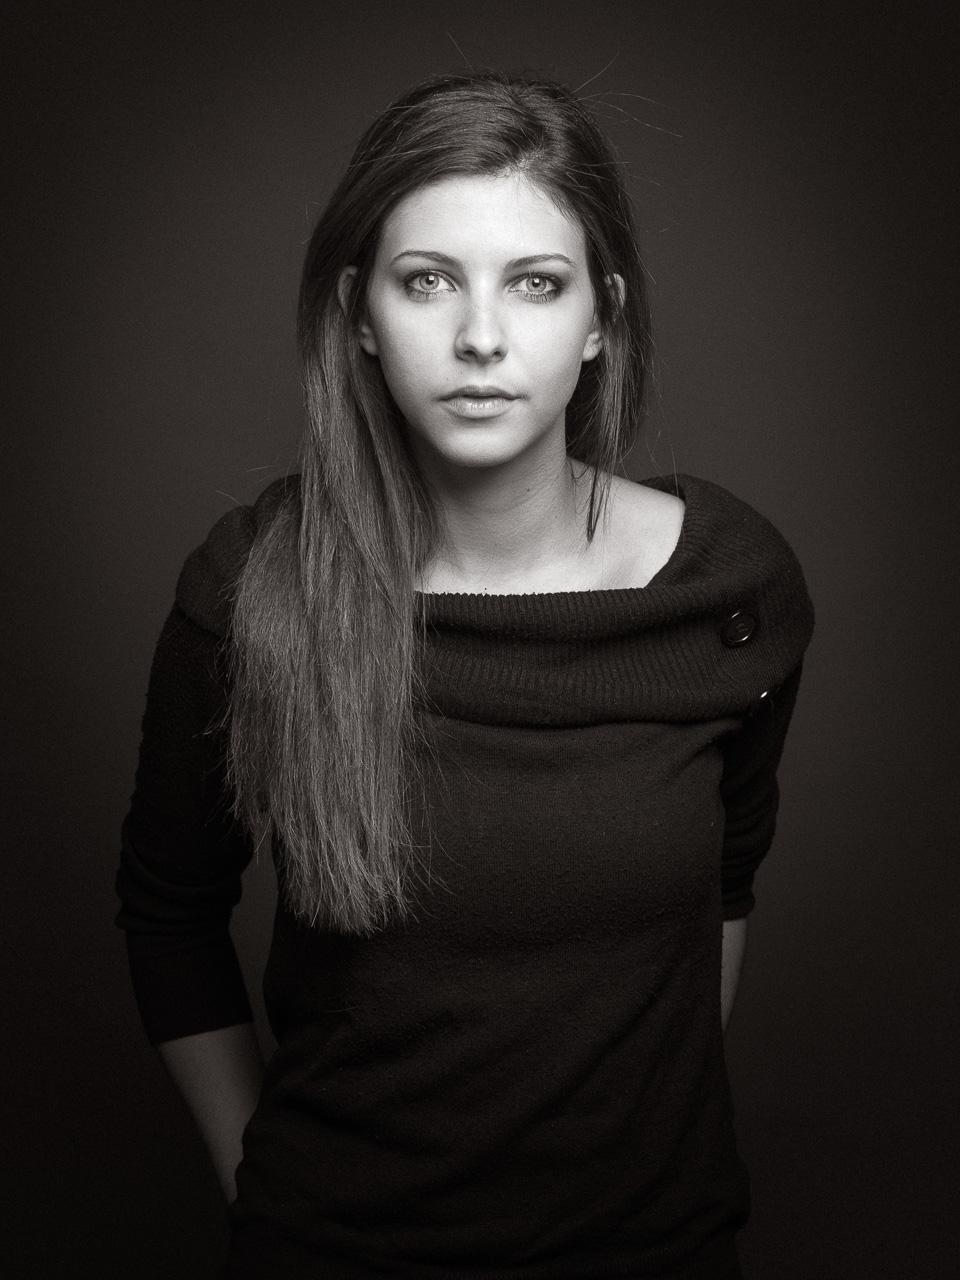 Tutoriel Photo Le Portrait En Studio 4 Plans D